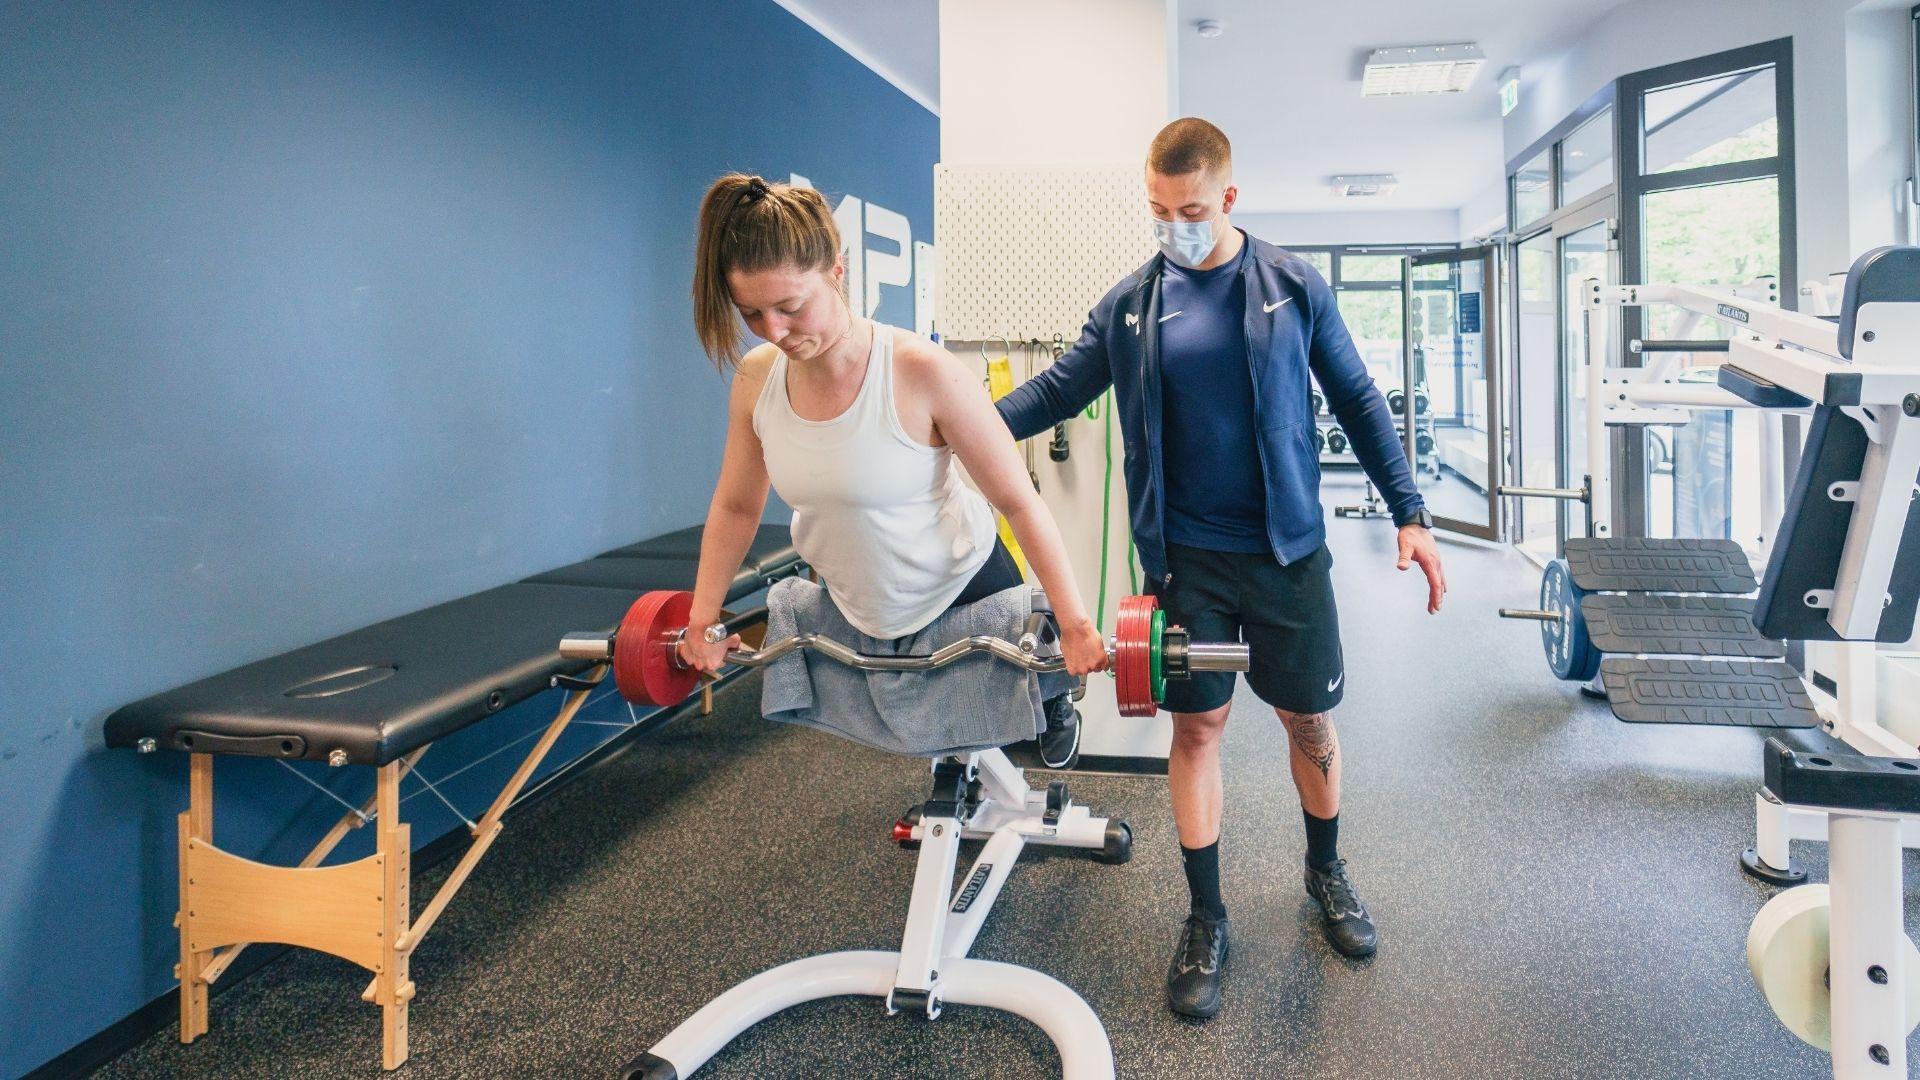 Prinzipien im Krafttraining für Muskelaufbau und Fettabbau